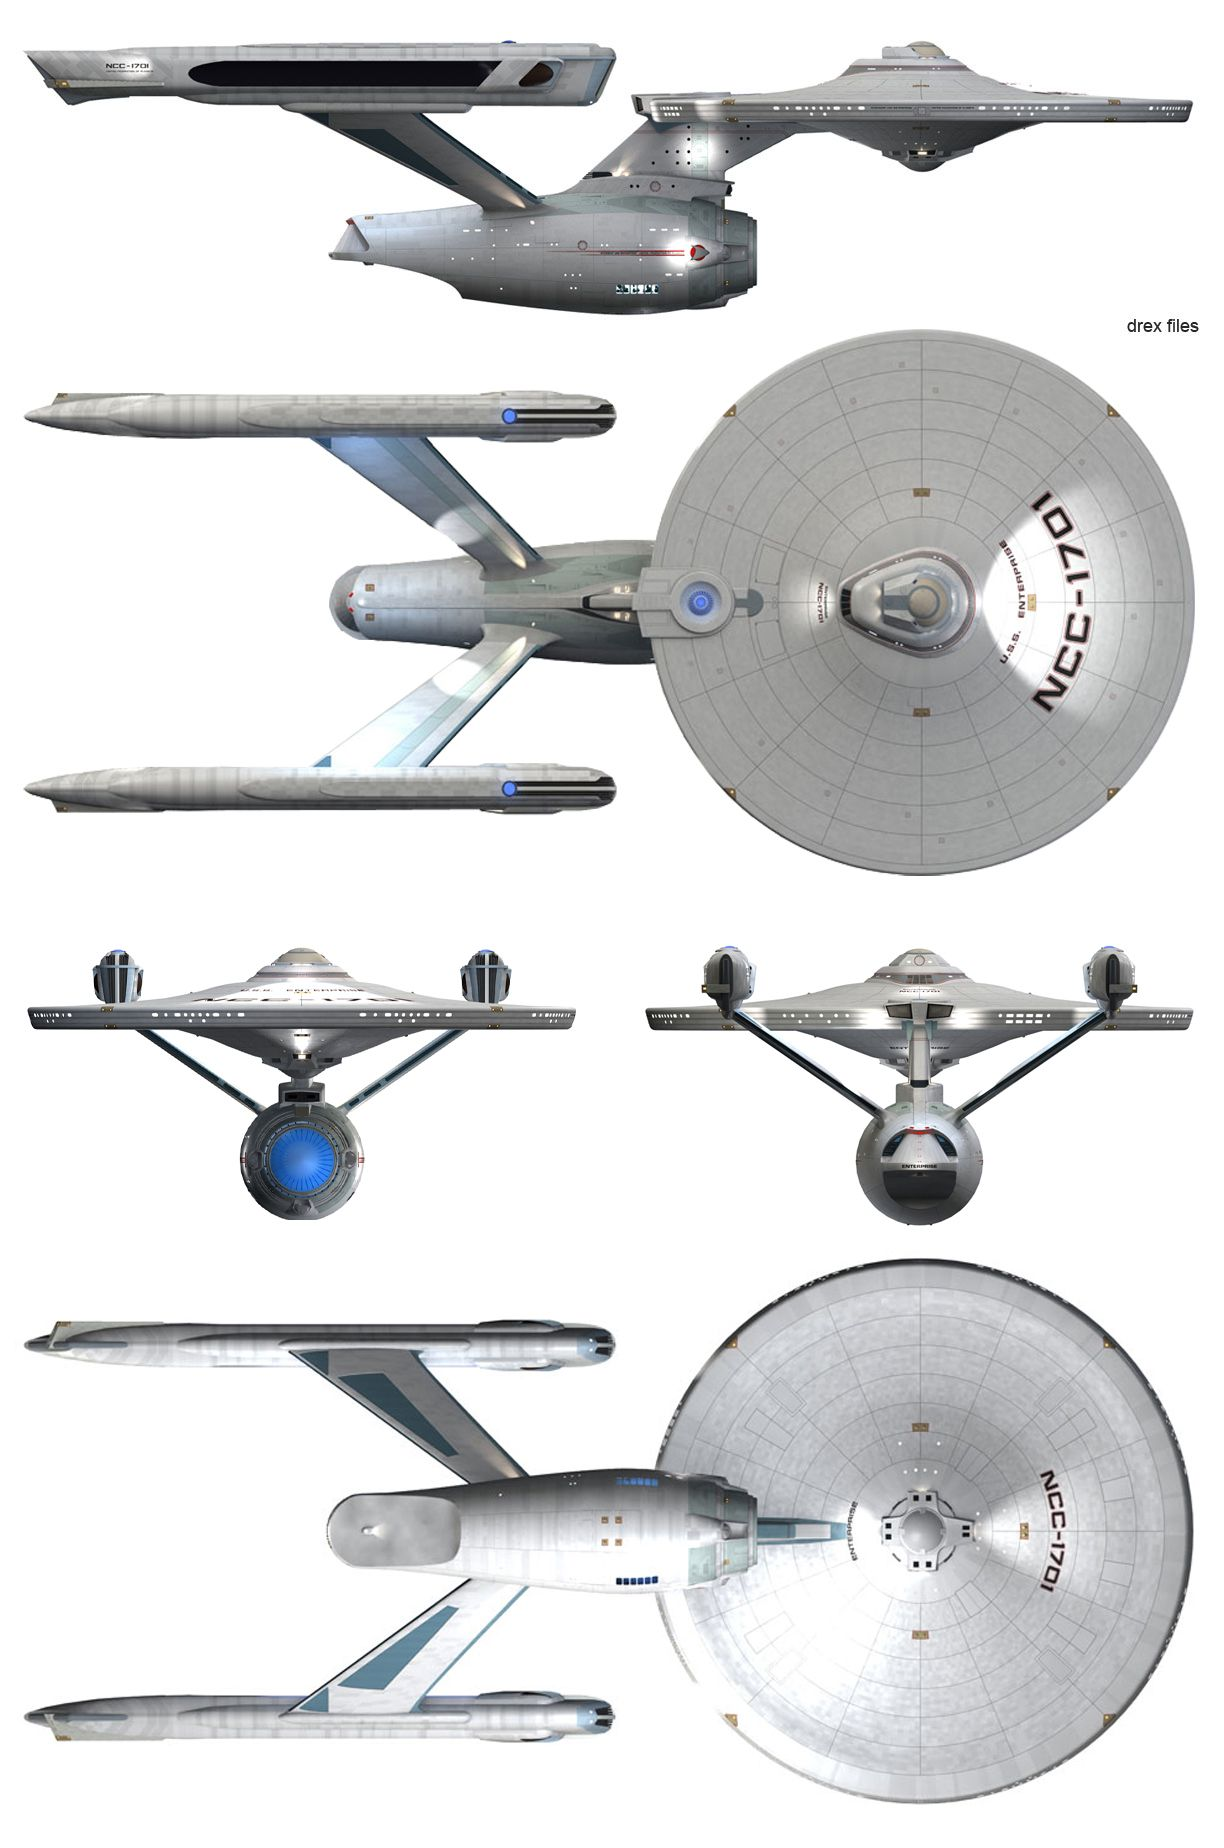 enterprise a schematics | Starship Schematic Database - U.F.P. and